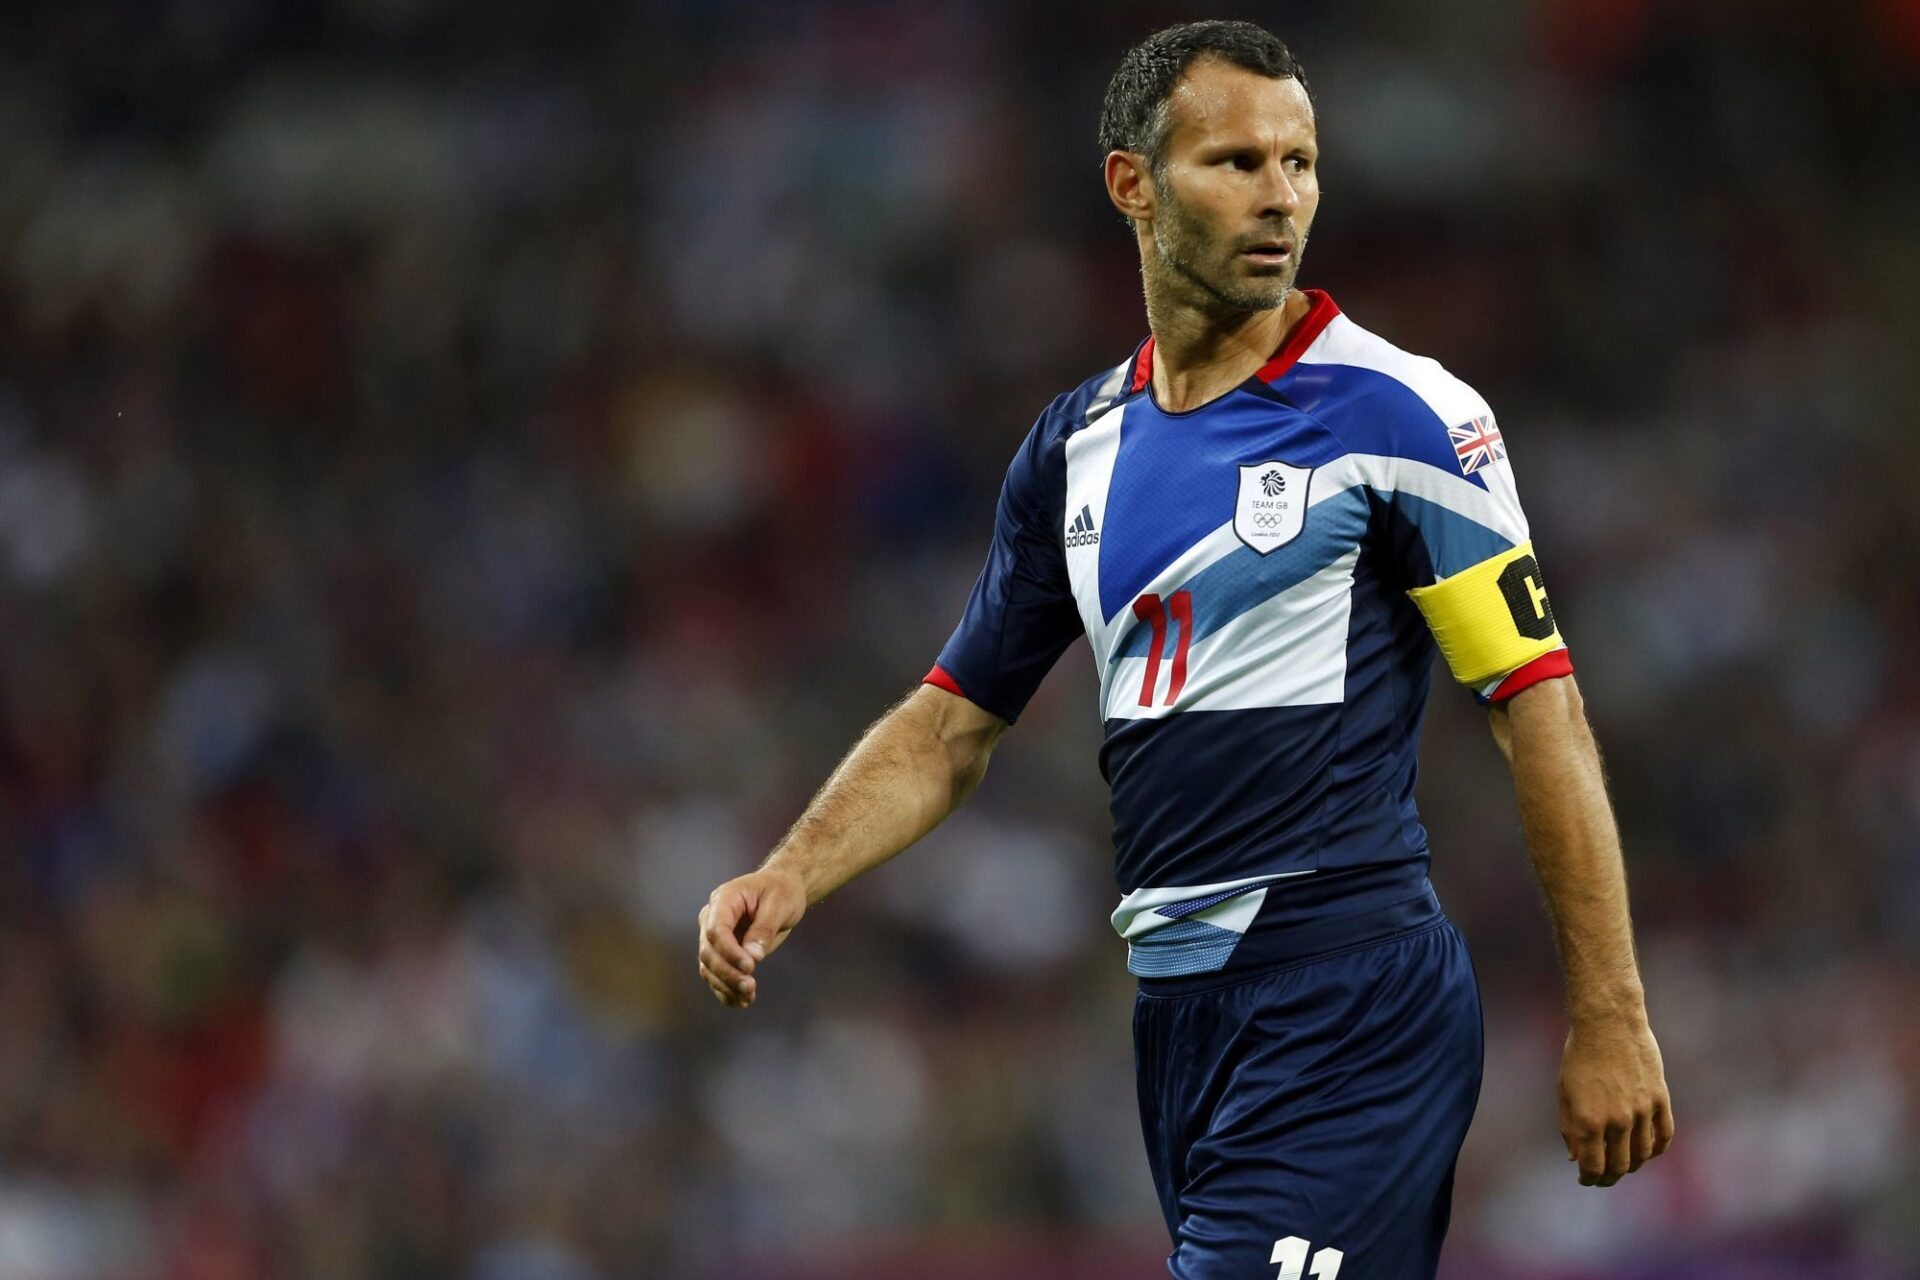 Ryan Giggs avait défendu les couleurs de la Grande-Bretagne aux JO en 2012... sans succès. Icon Sport